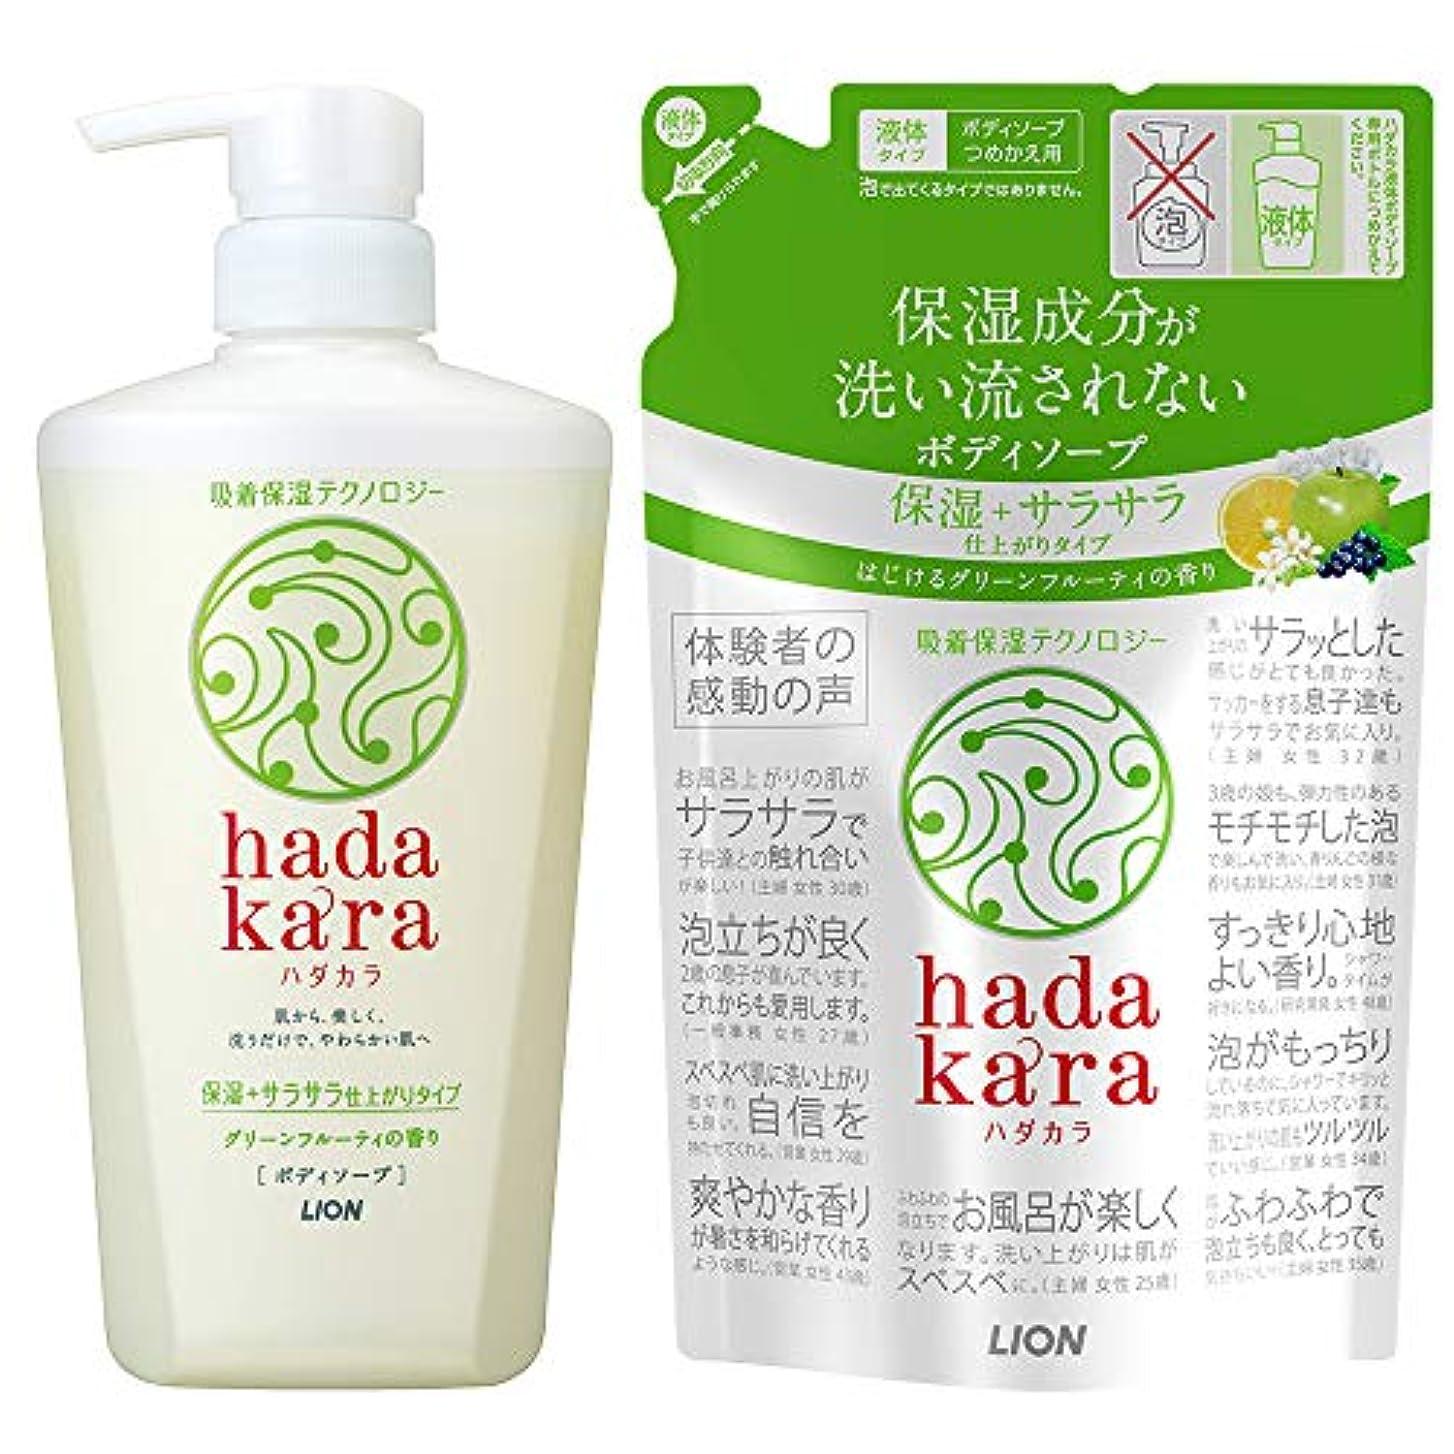 チート可動ネズミhadakara(ハダカラ) ボディソープ 保湿+サラサラ仕上がりタイプ グリーンフルーティの香り (本体480ml+つめかえ340ml) グリーンフルーティ(保湿+サラサラ仕上がり) +